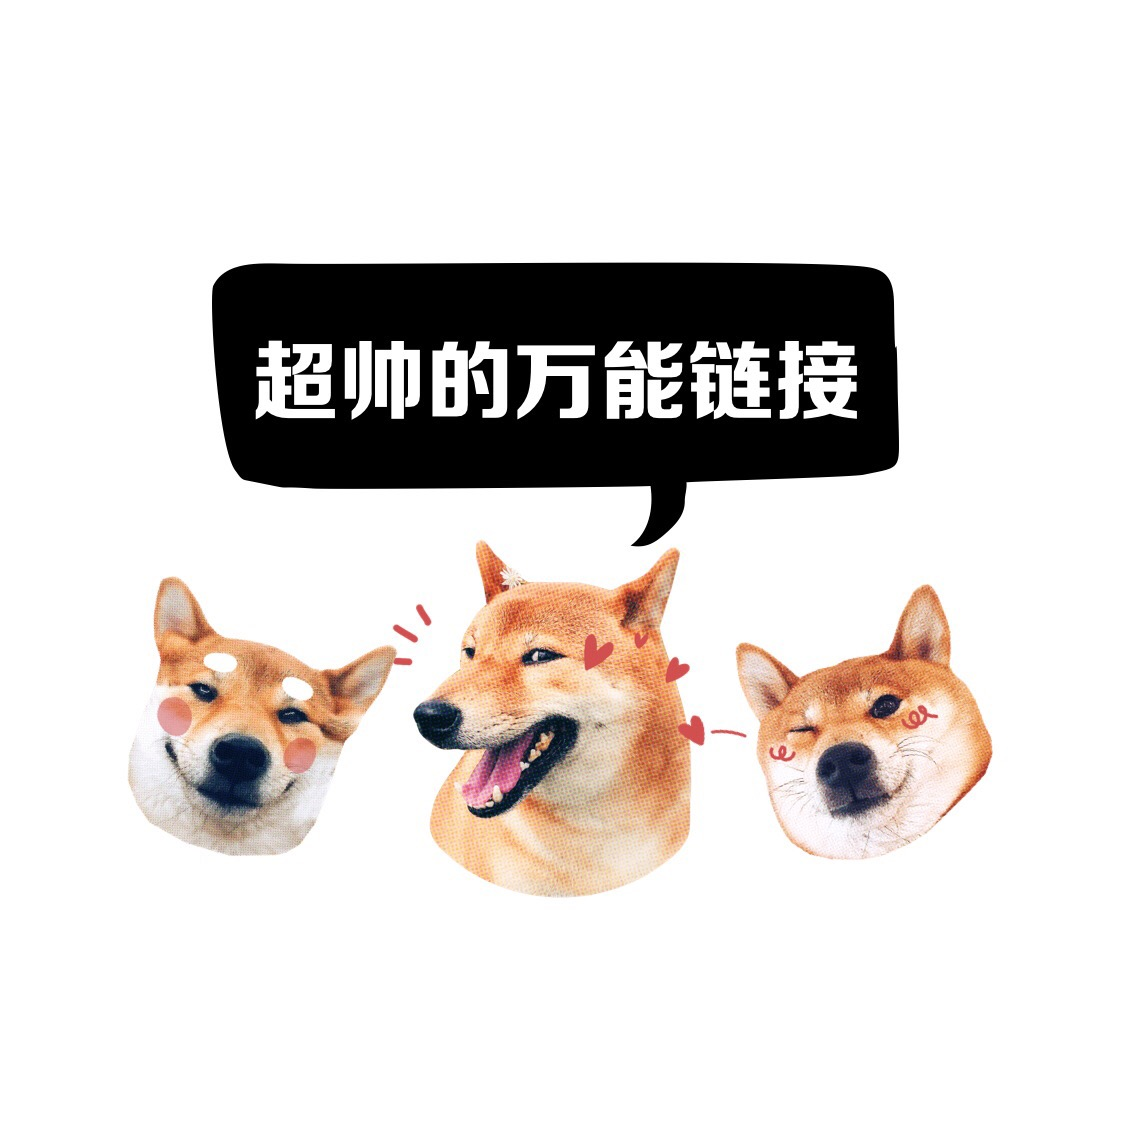 Купить Другие косметические средства  в Китае, в интернет магазине таобао на русском языке